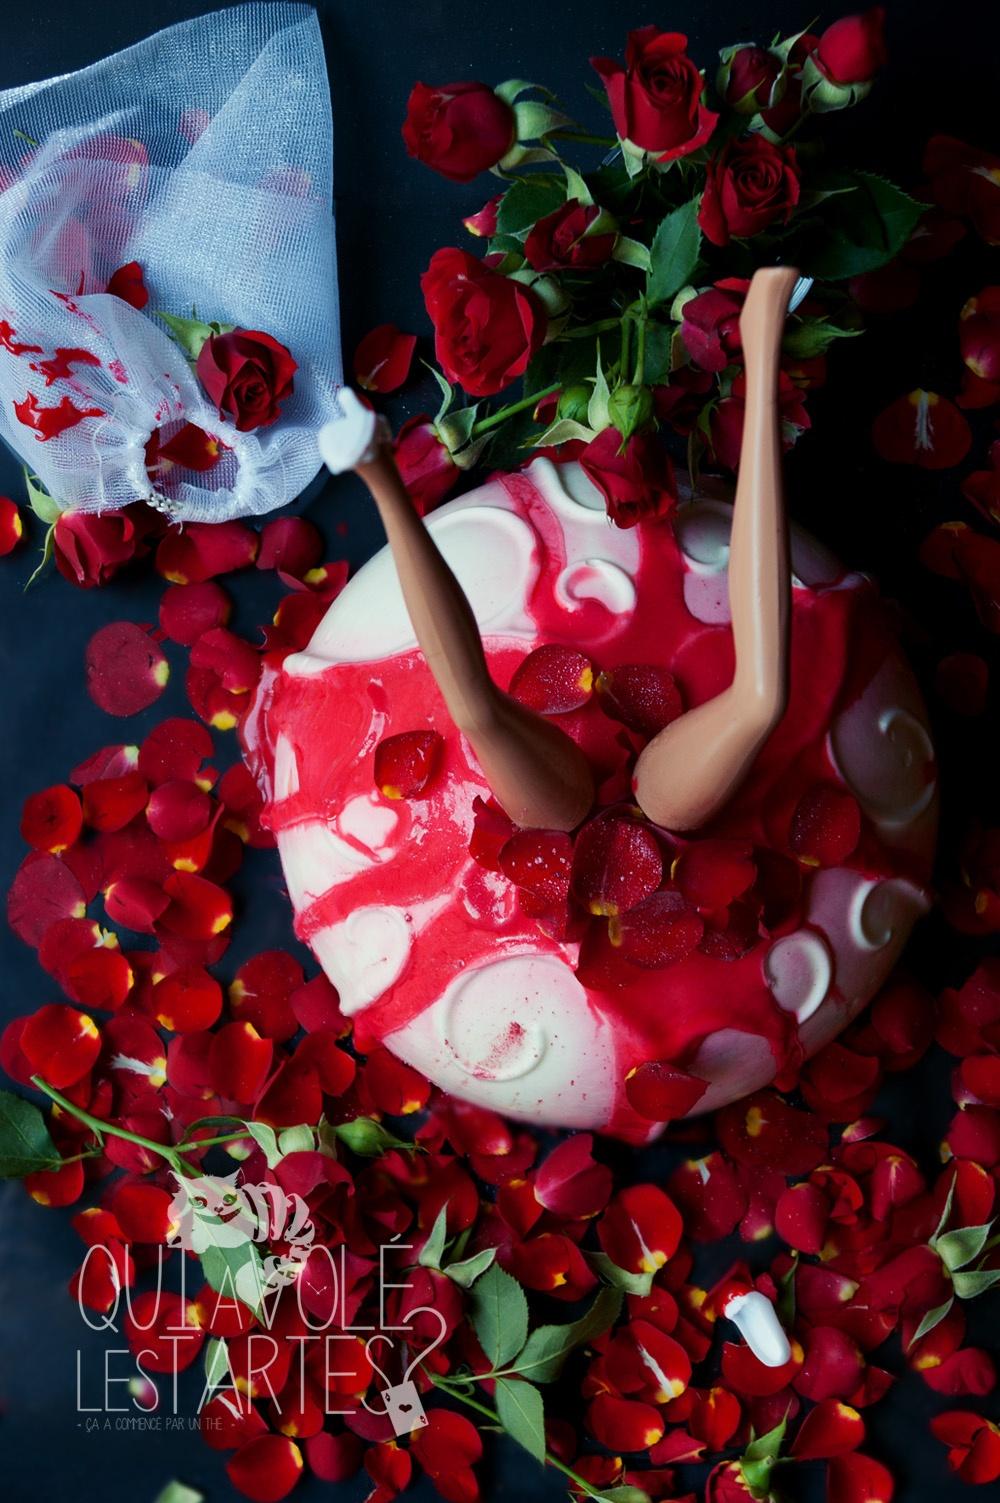 Corpse Bride 1 - Studio 2 création - Qui a volé les tartes